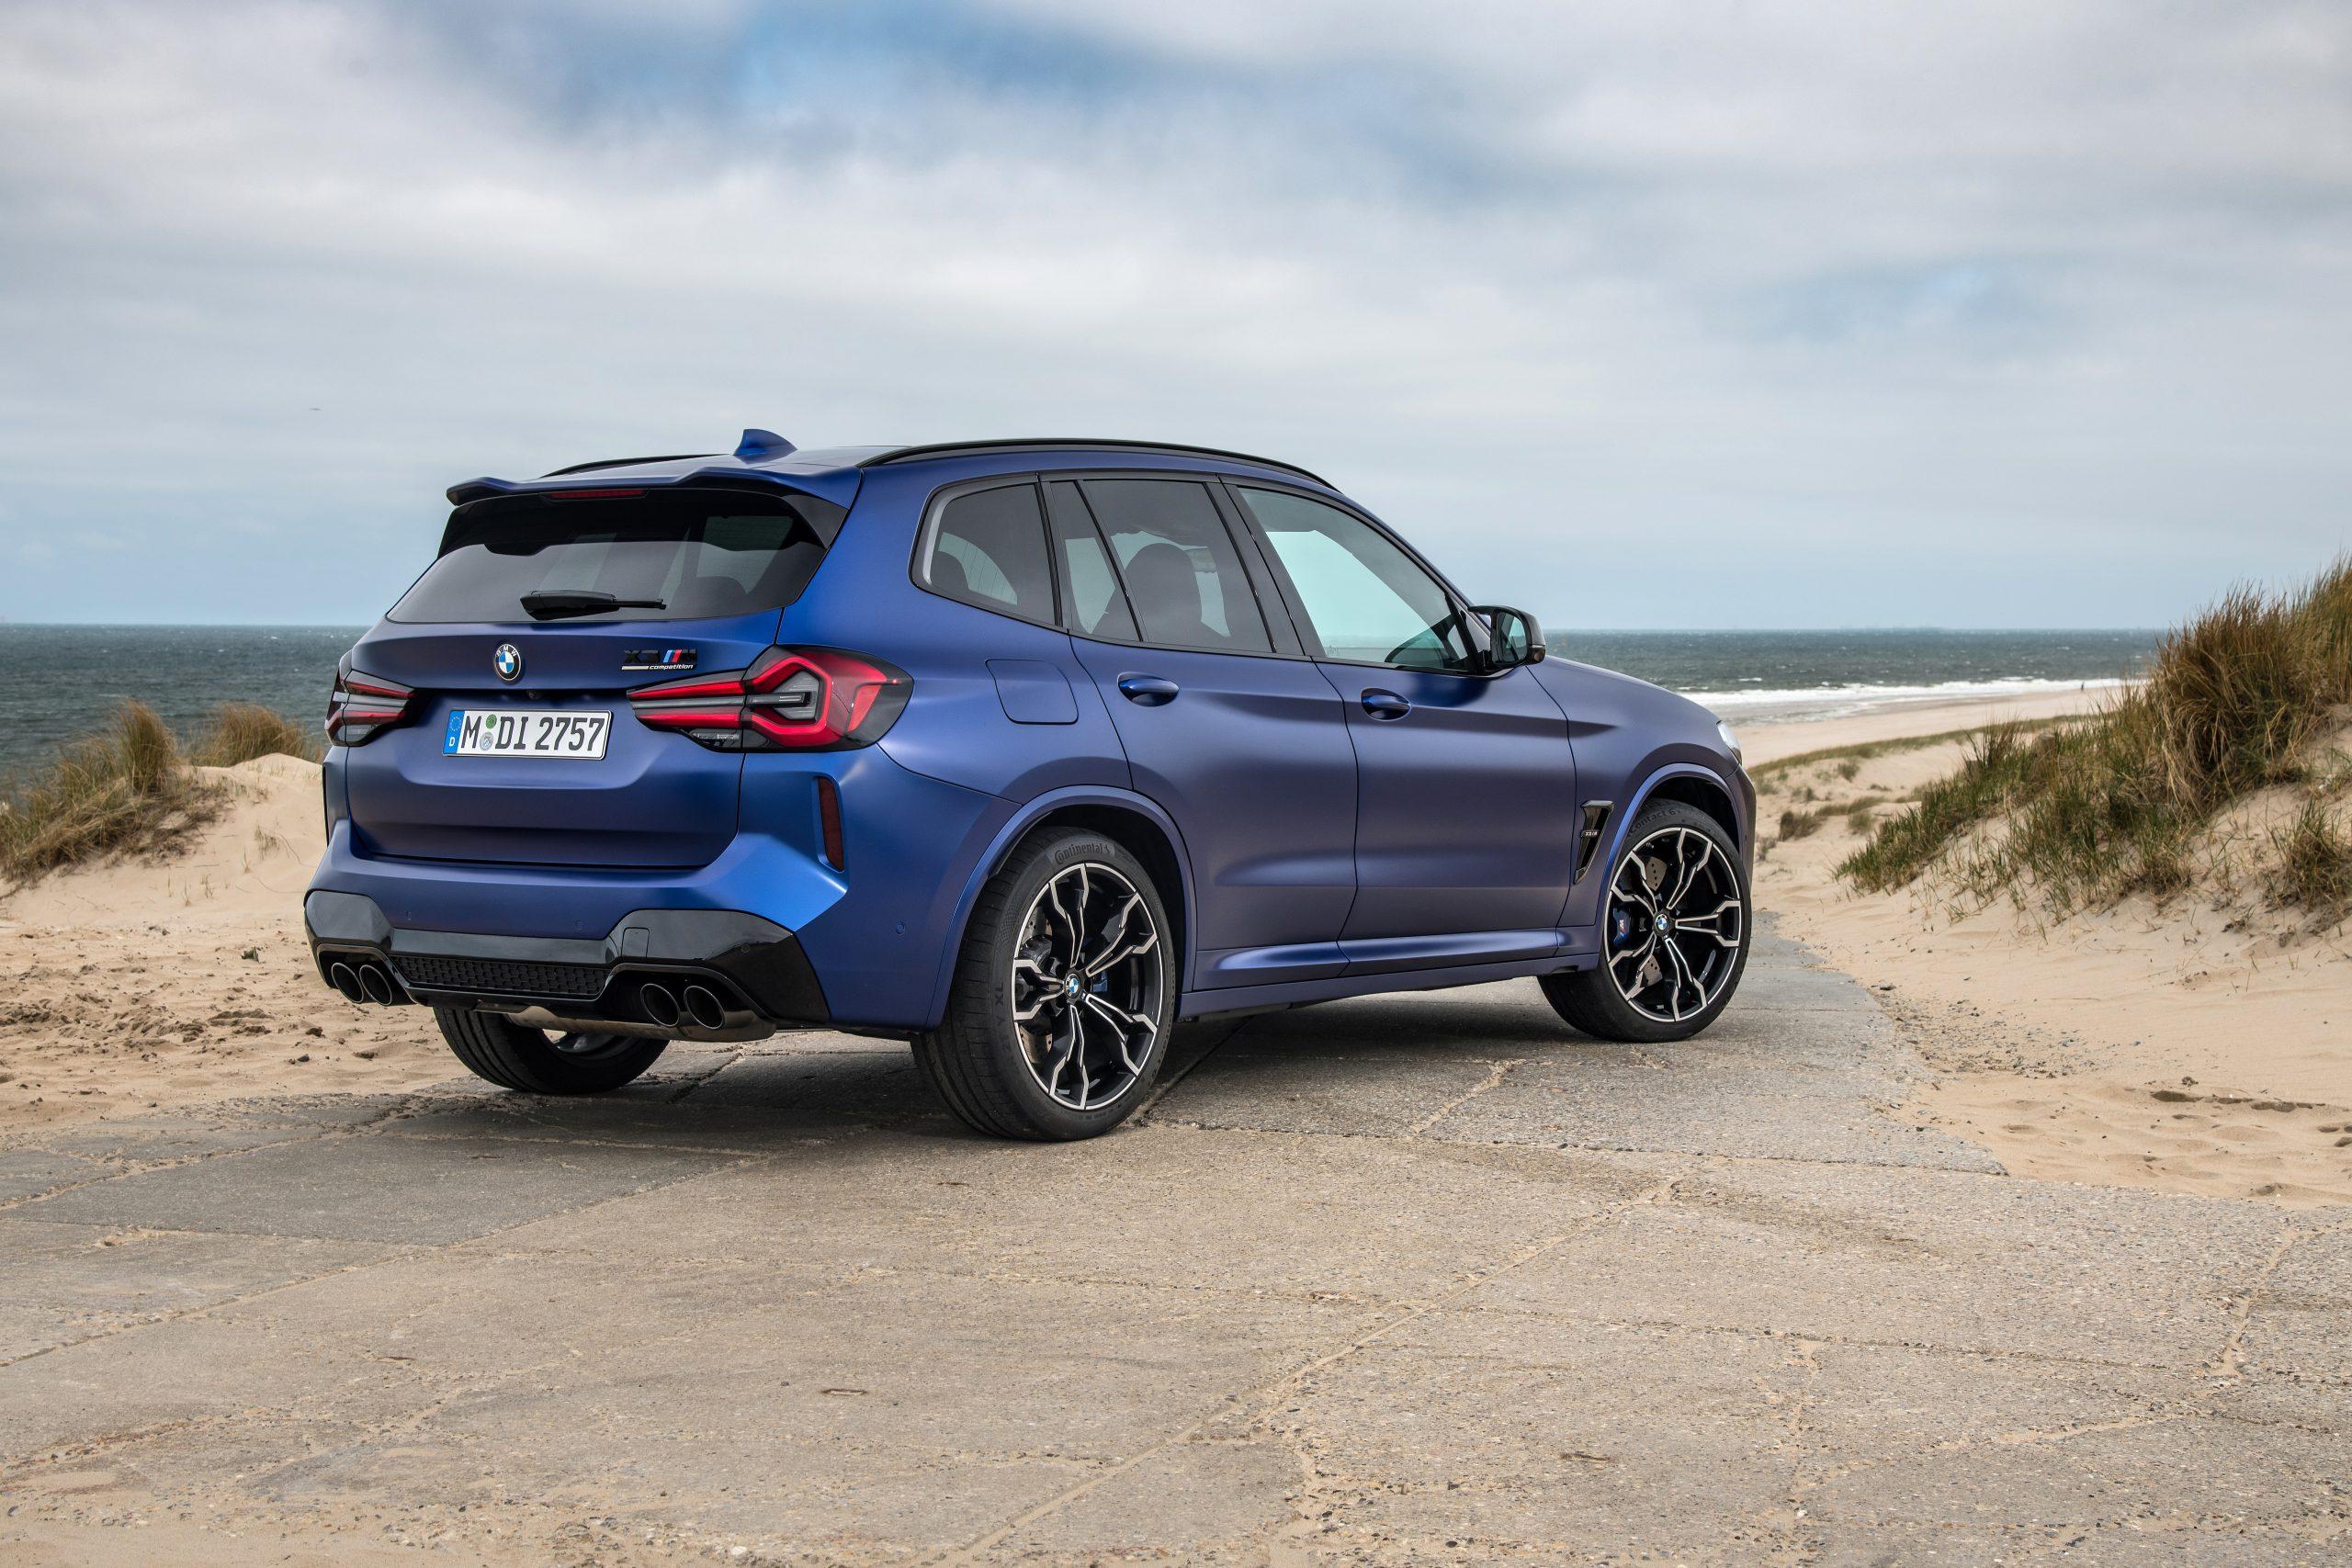 P90423898 highRes scaled Ιδού οι νέες BMW X3 M Competition και BMW X4 M Competition BMW, BMW M, BMW X3, BMW X4, SUV, X3 M, X4 M, ειδήσεις, Νέα